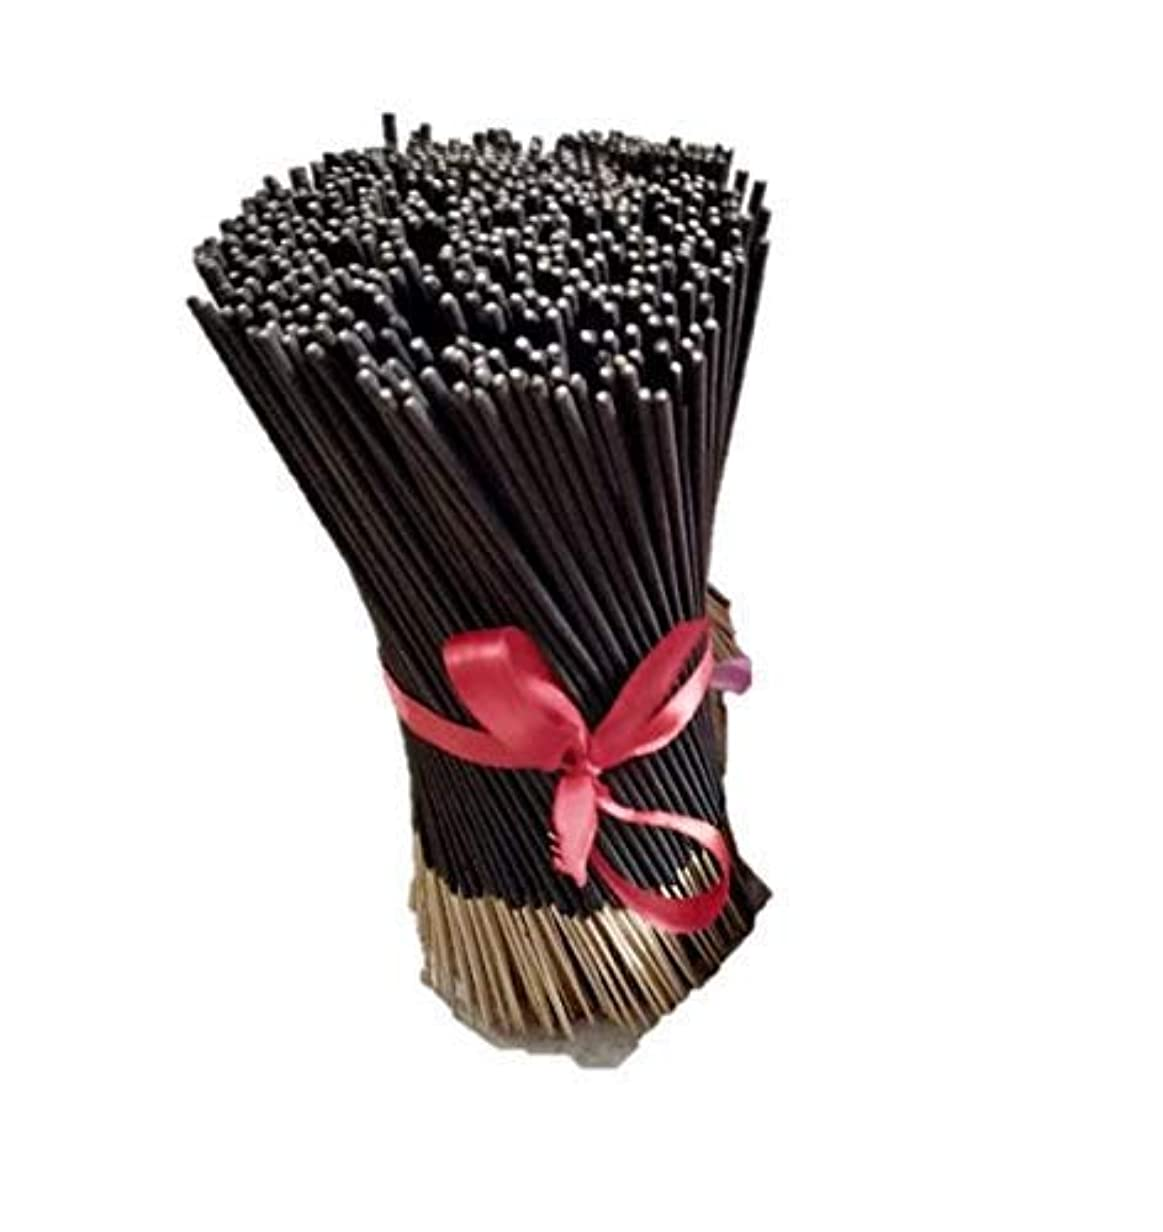 ネスト山積みのごちそうAroma Natural Products Raw Charcoal Incense Stick 1 Kilograms